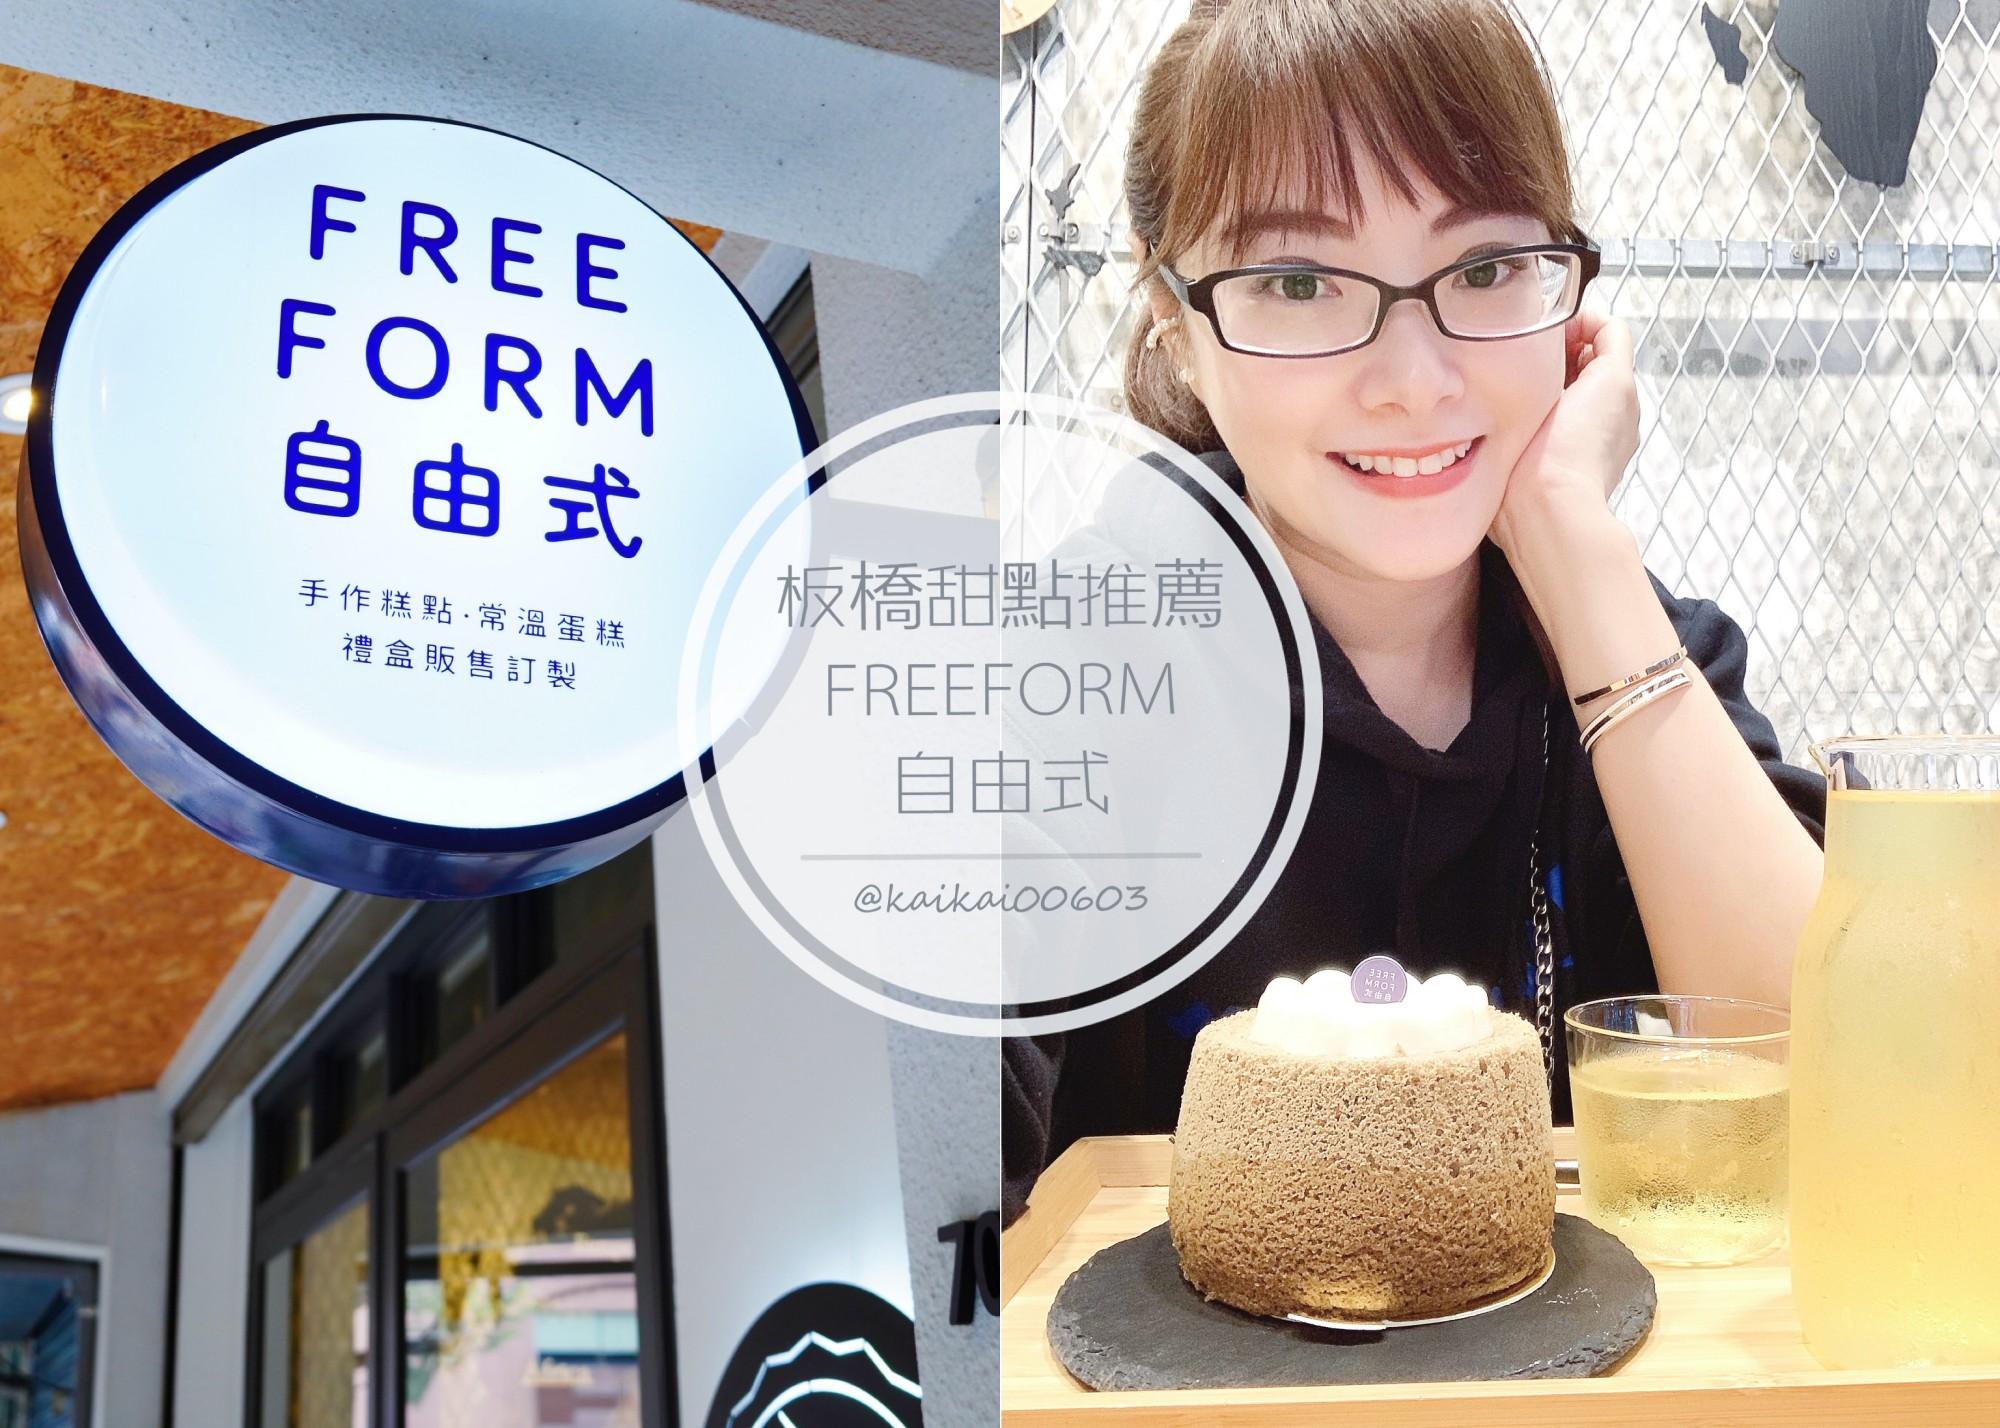 ☆【新北 / 江子翠站】板橋 自由式Free Form手作糕點。綿軟、蓬鬆、爆漿戚風蛋糕 @凱的日本食尚日記